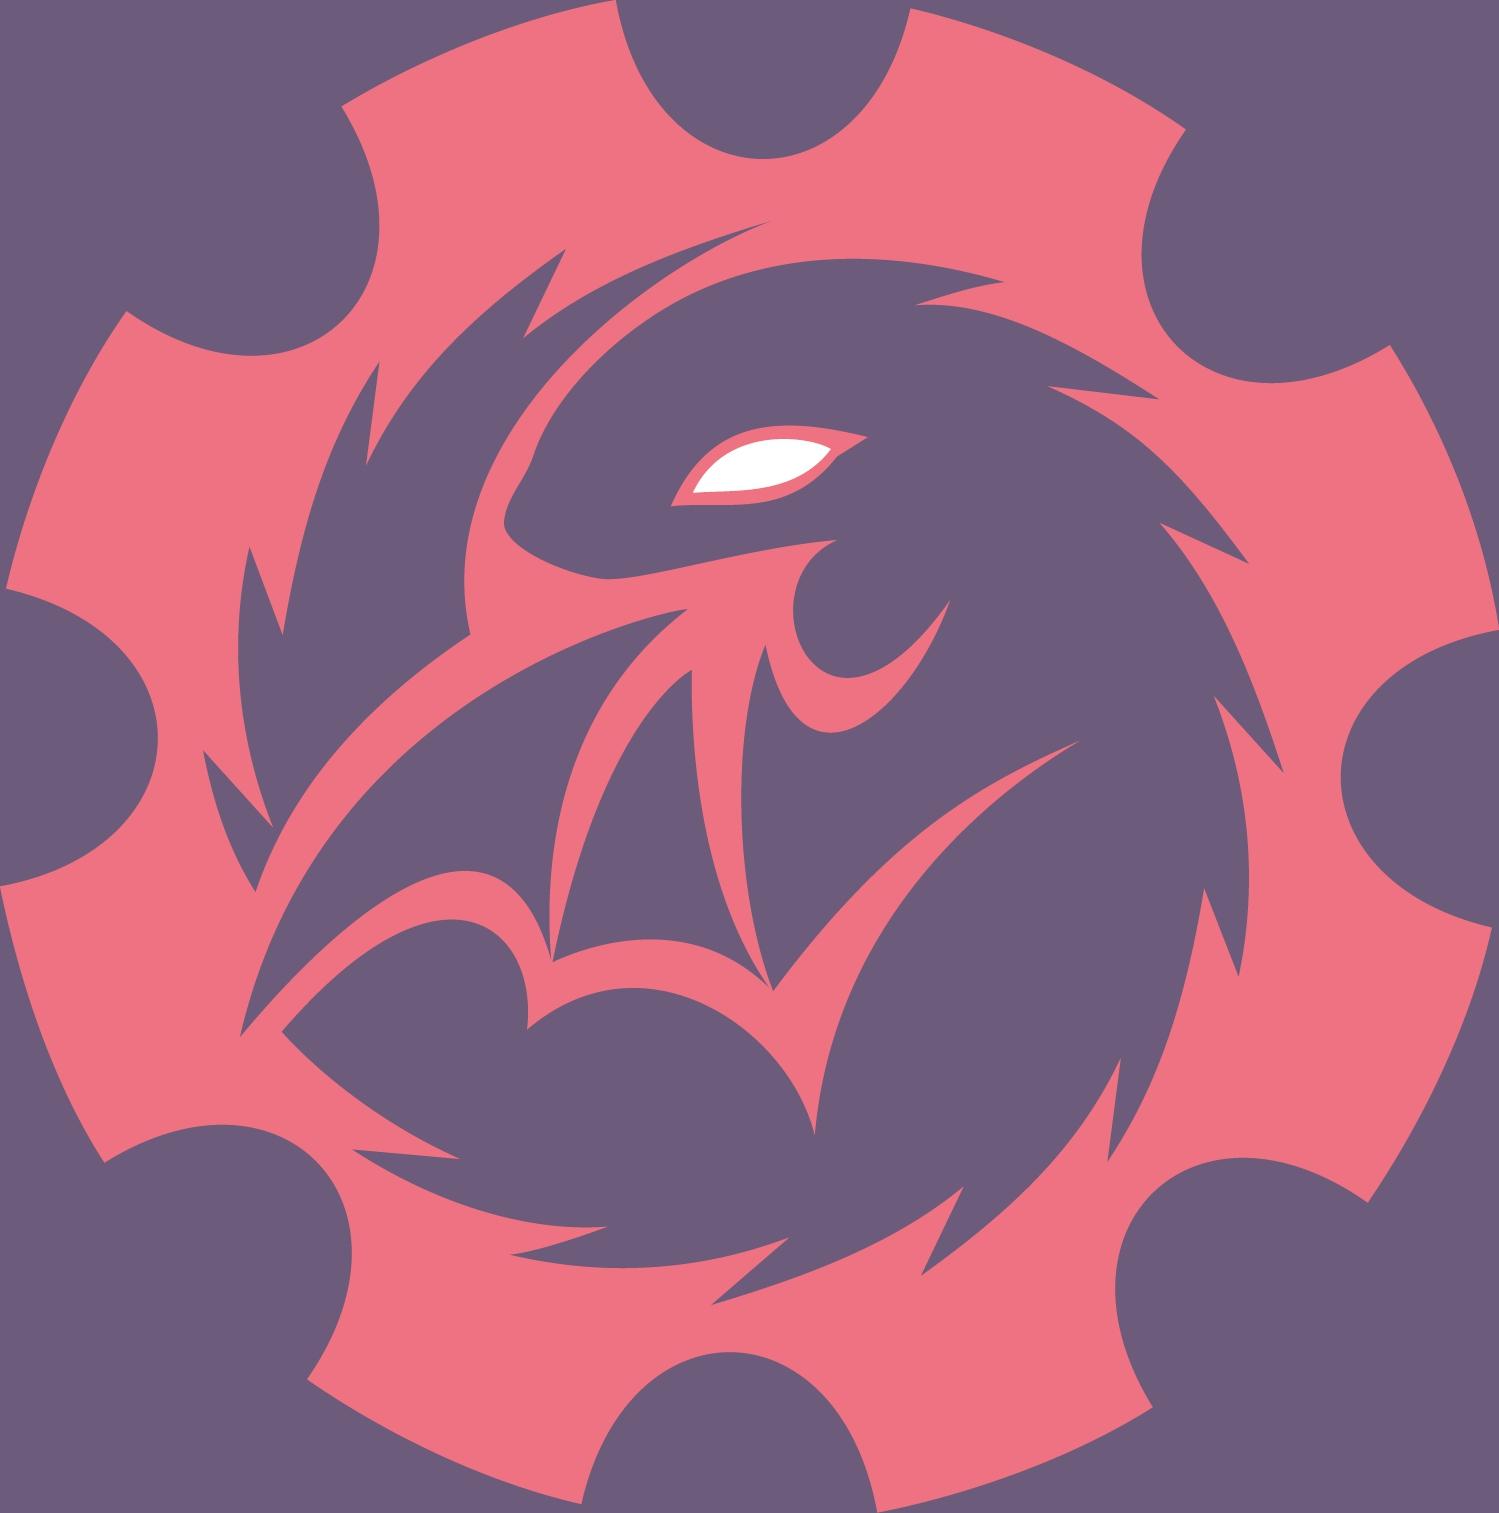 Logofondo